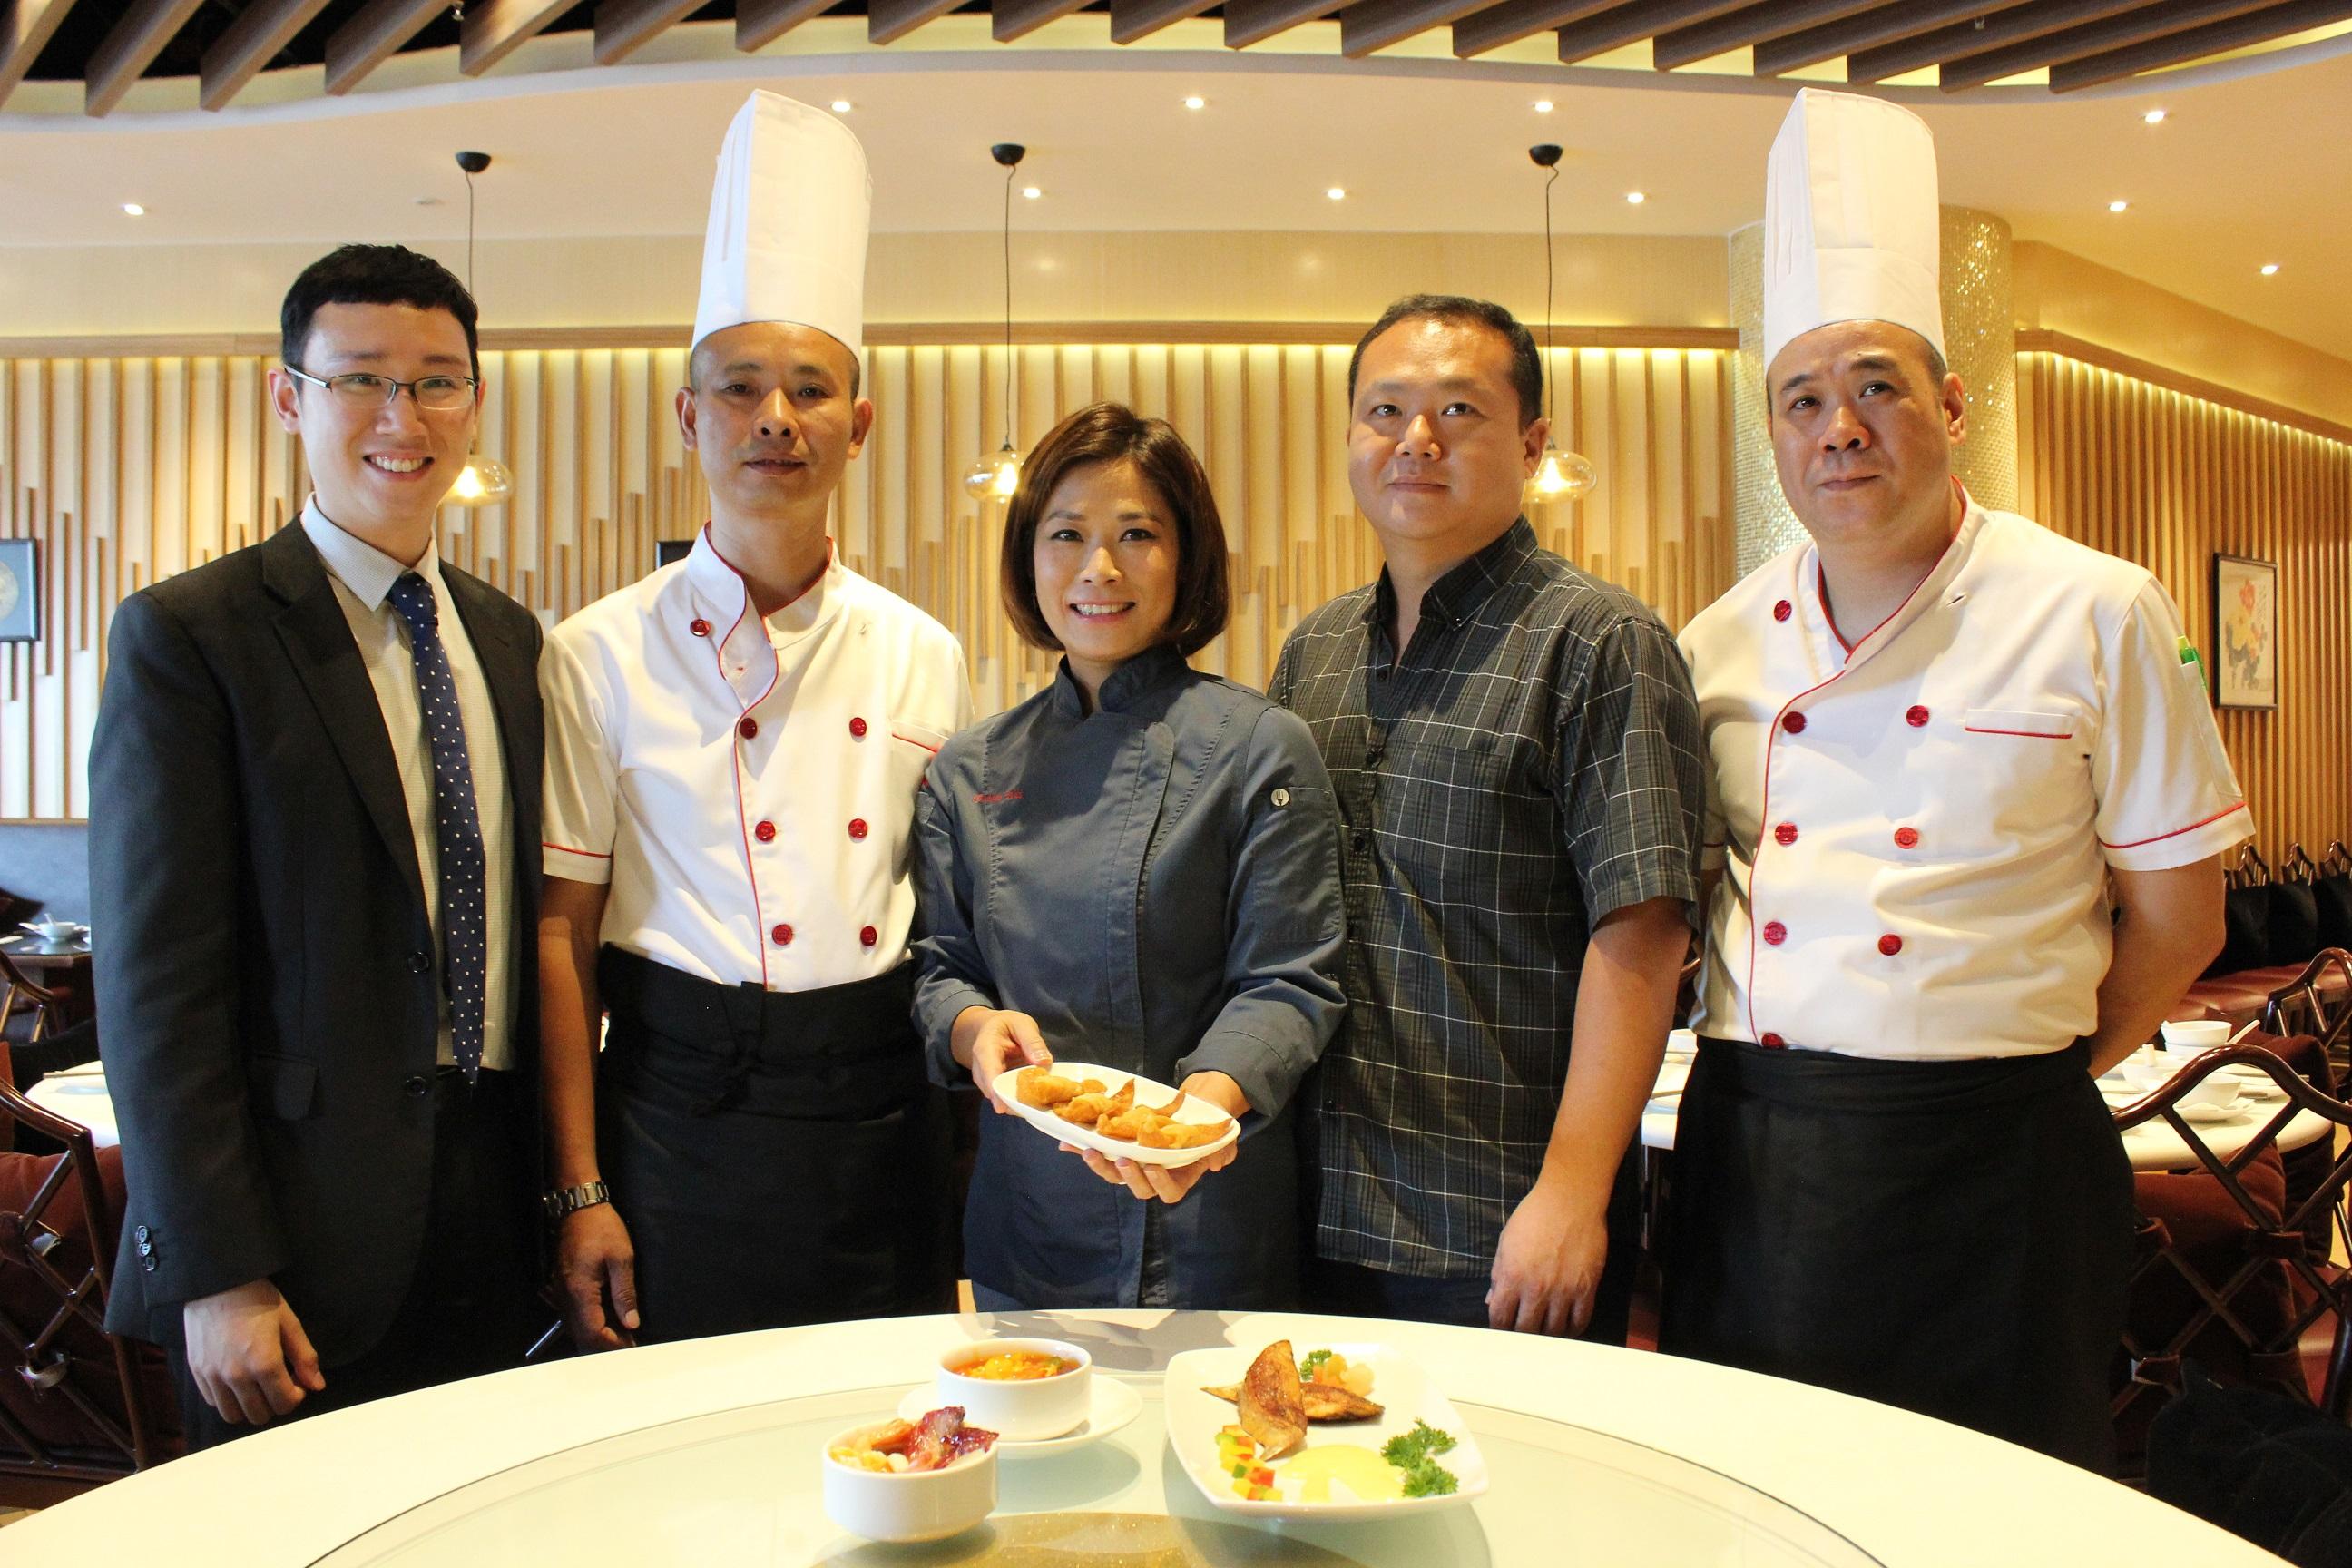 Chef Denice Wai x Four Seasons x HKTDC